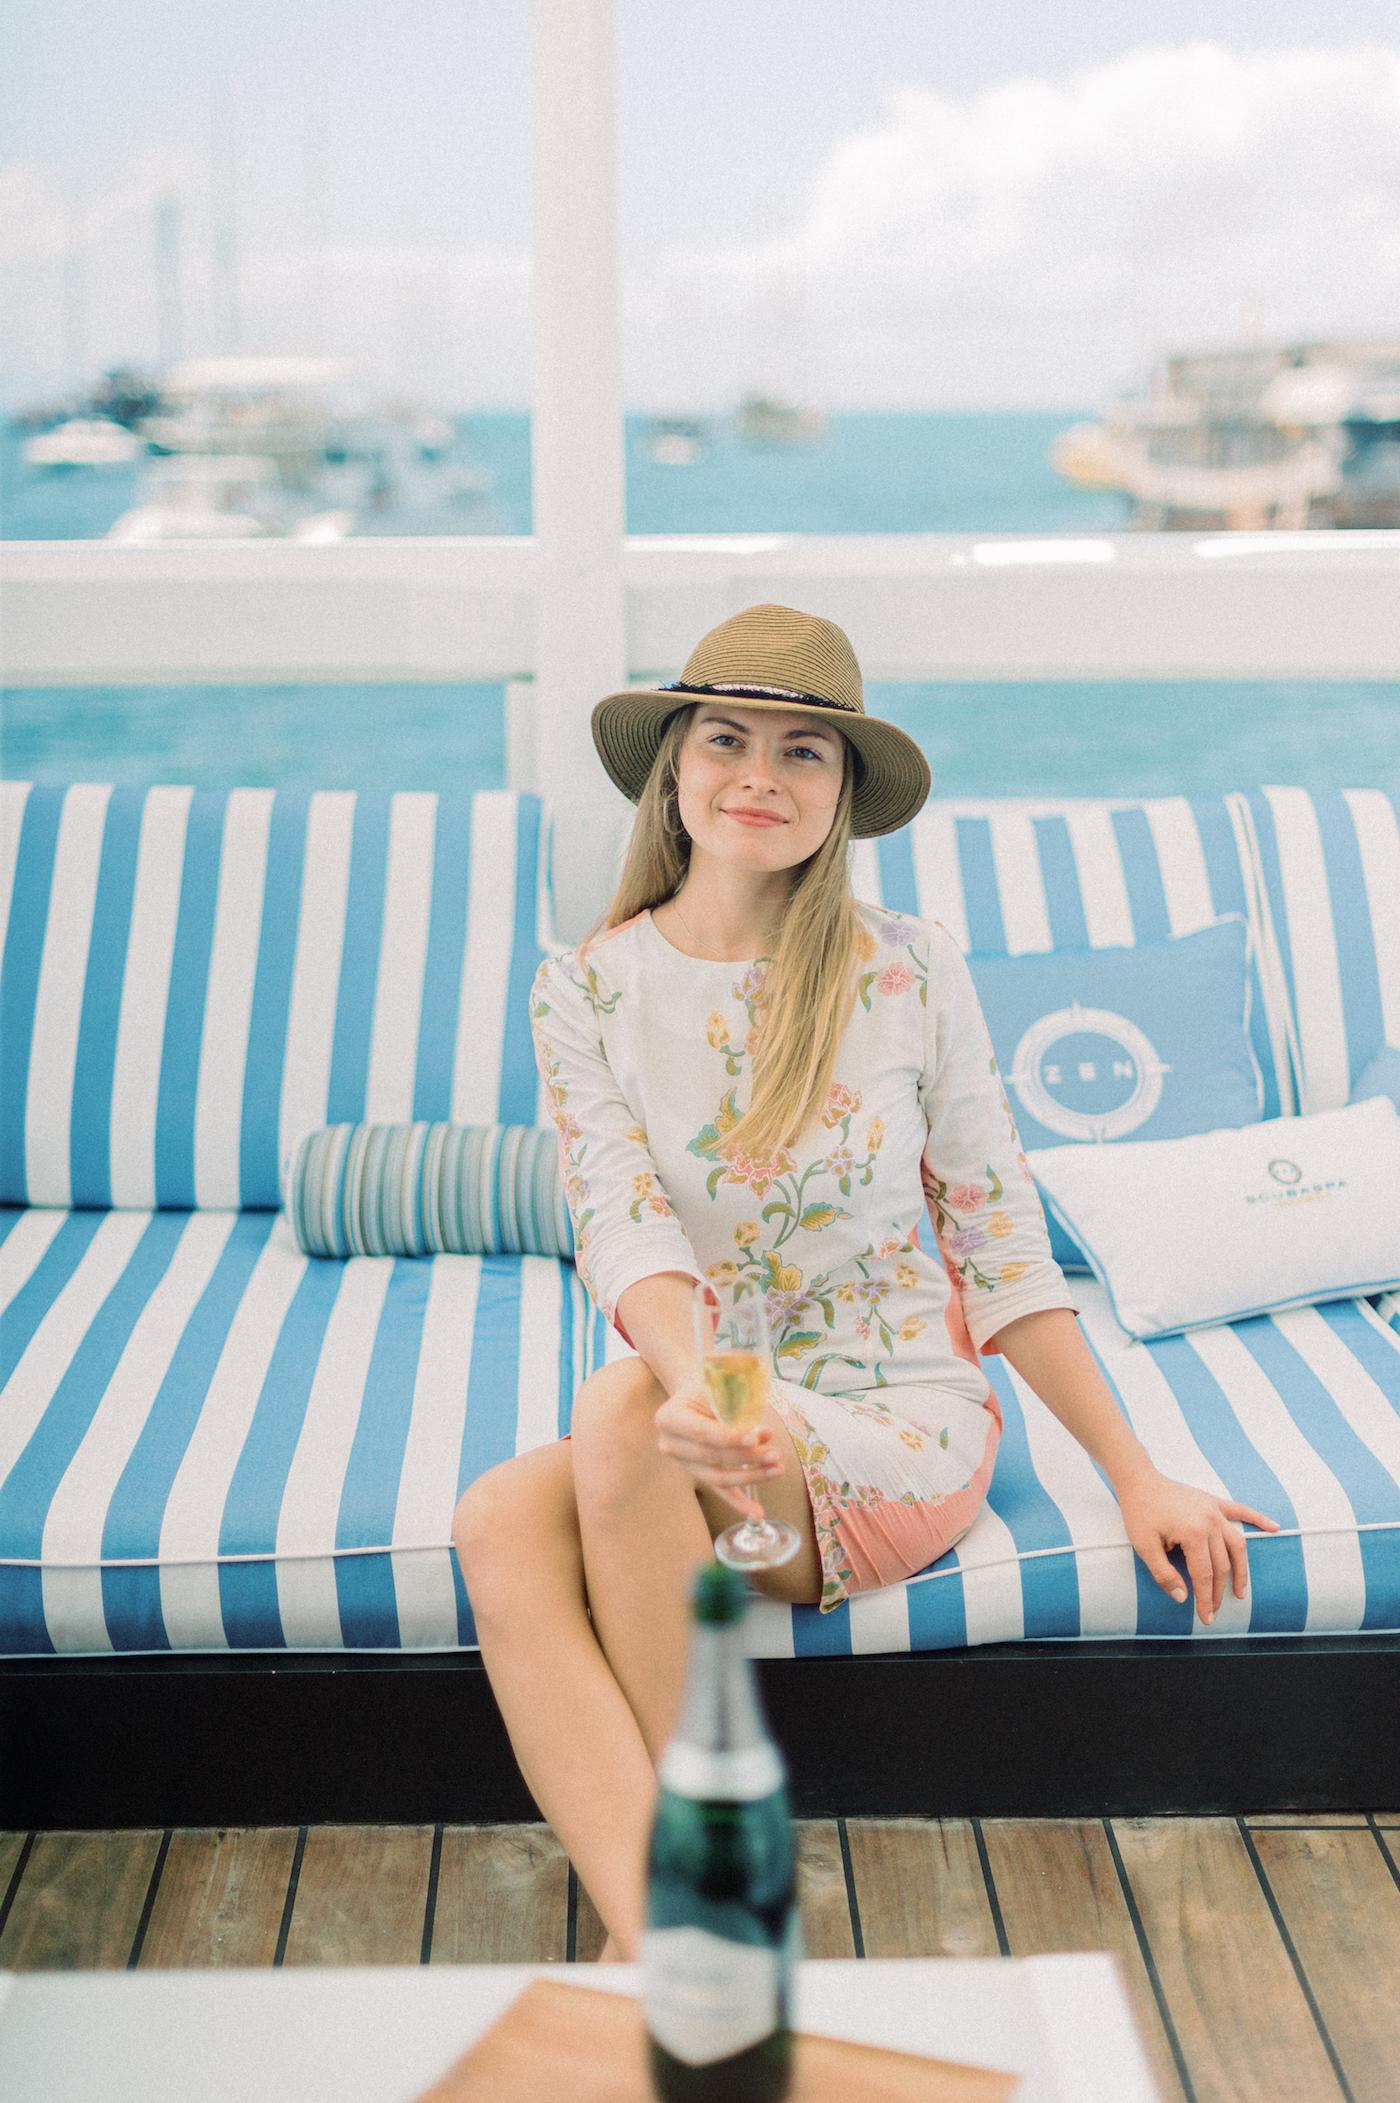 Lady On A Yacht